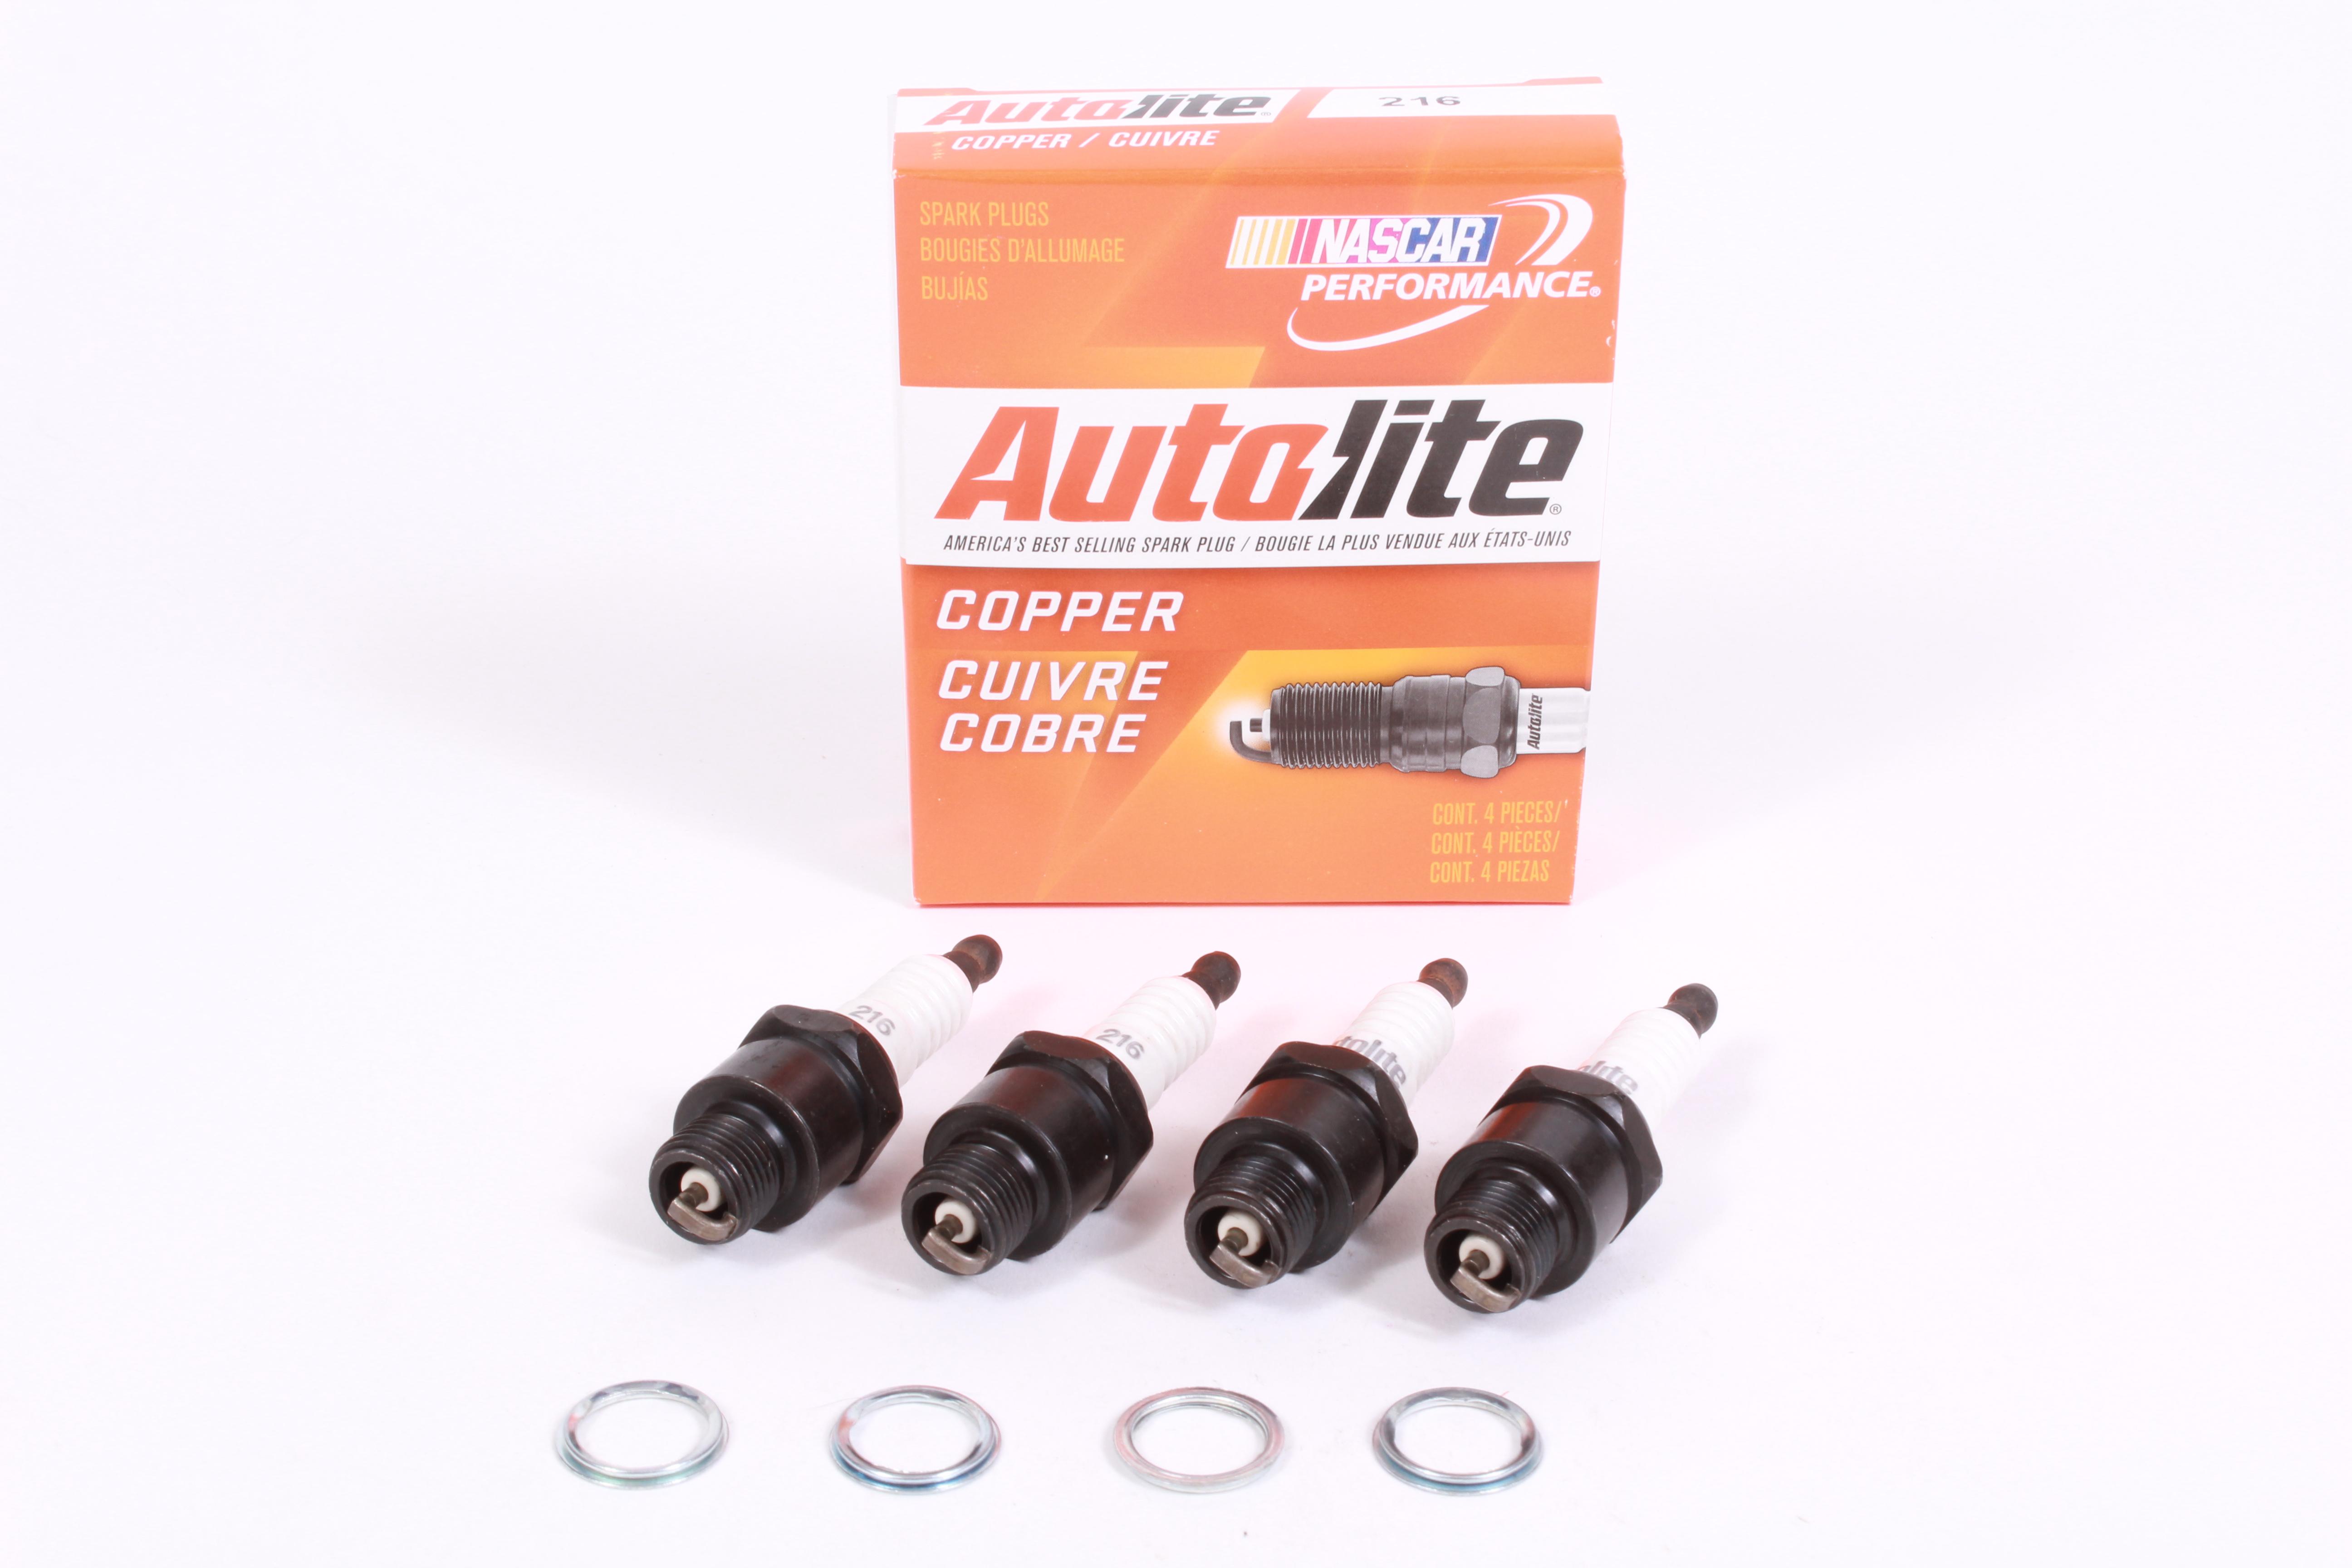 """Box of 4 Autolite 216 Copper Non-Resistor Spark Plugs 14mm Thread 7//16/"""" Reach"""